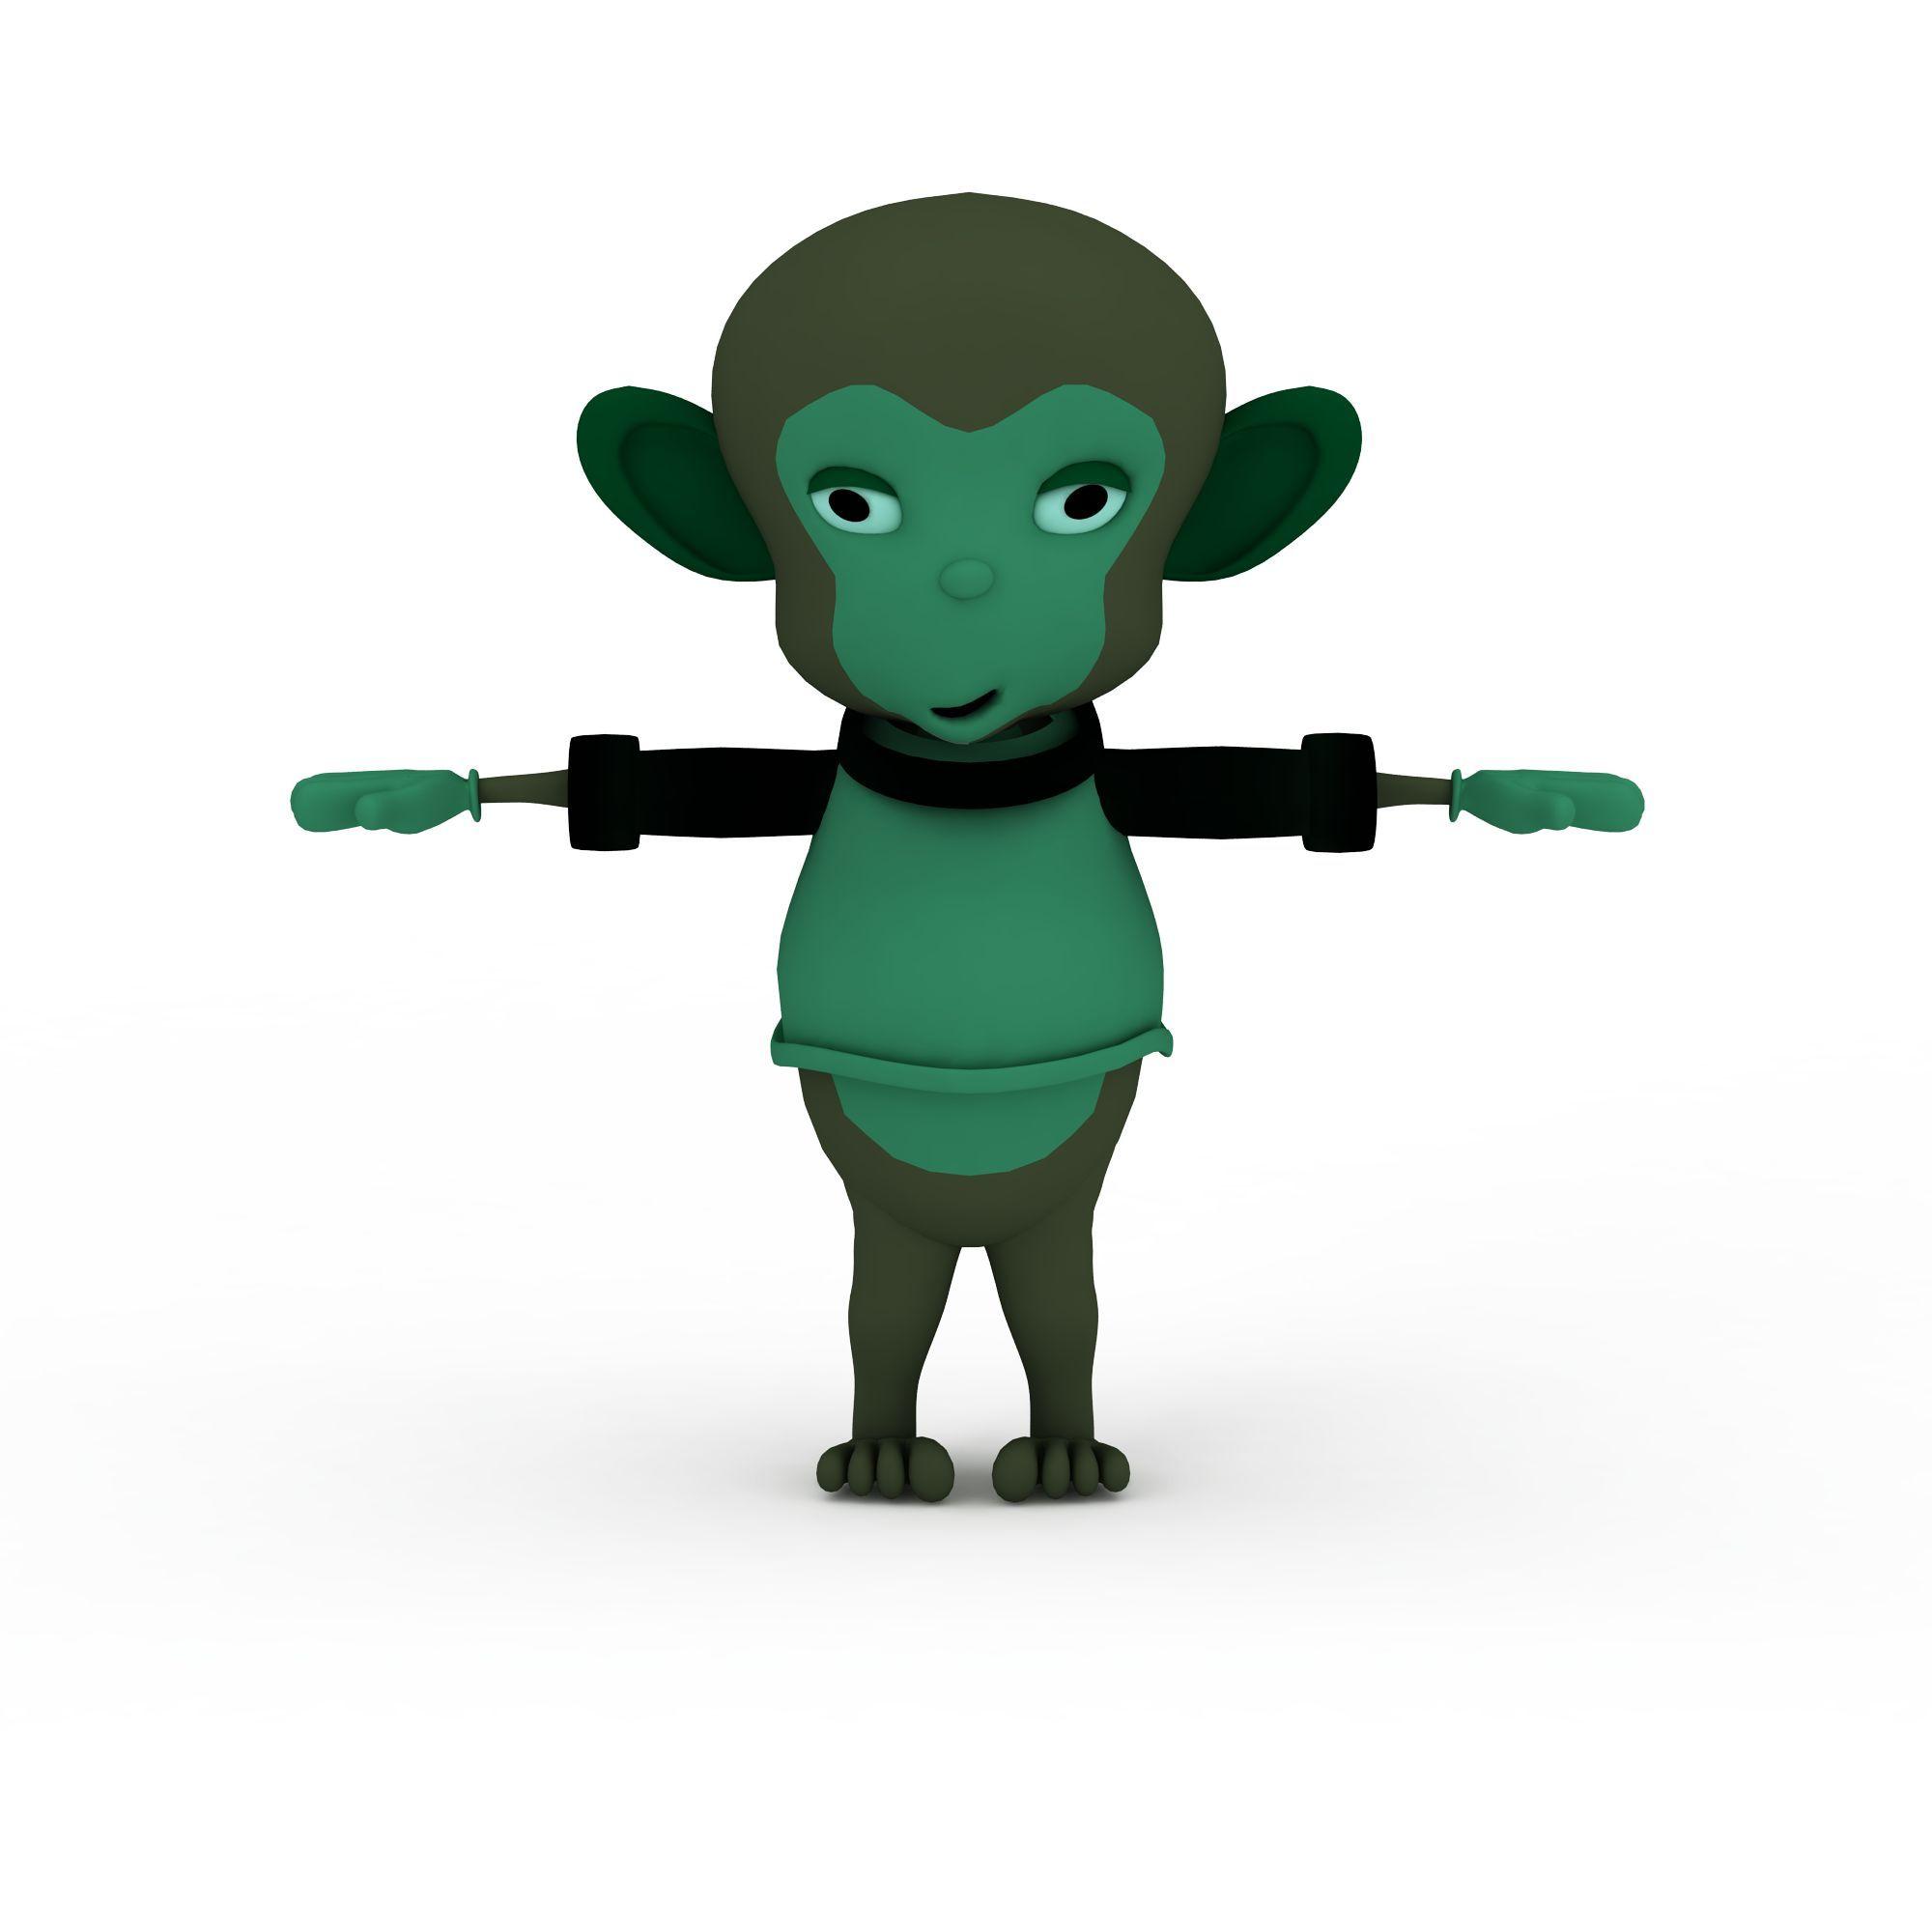 动物 爬行类 猴子3d模型 猴子png高清图  猴子高清图详情 设计师 3d